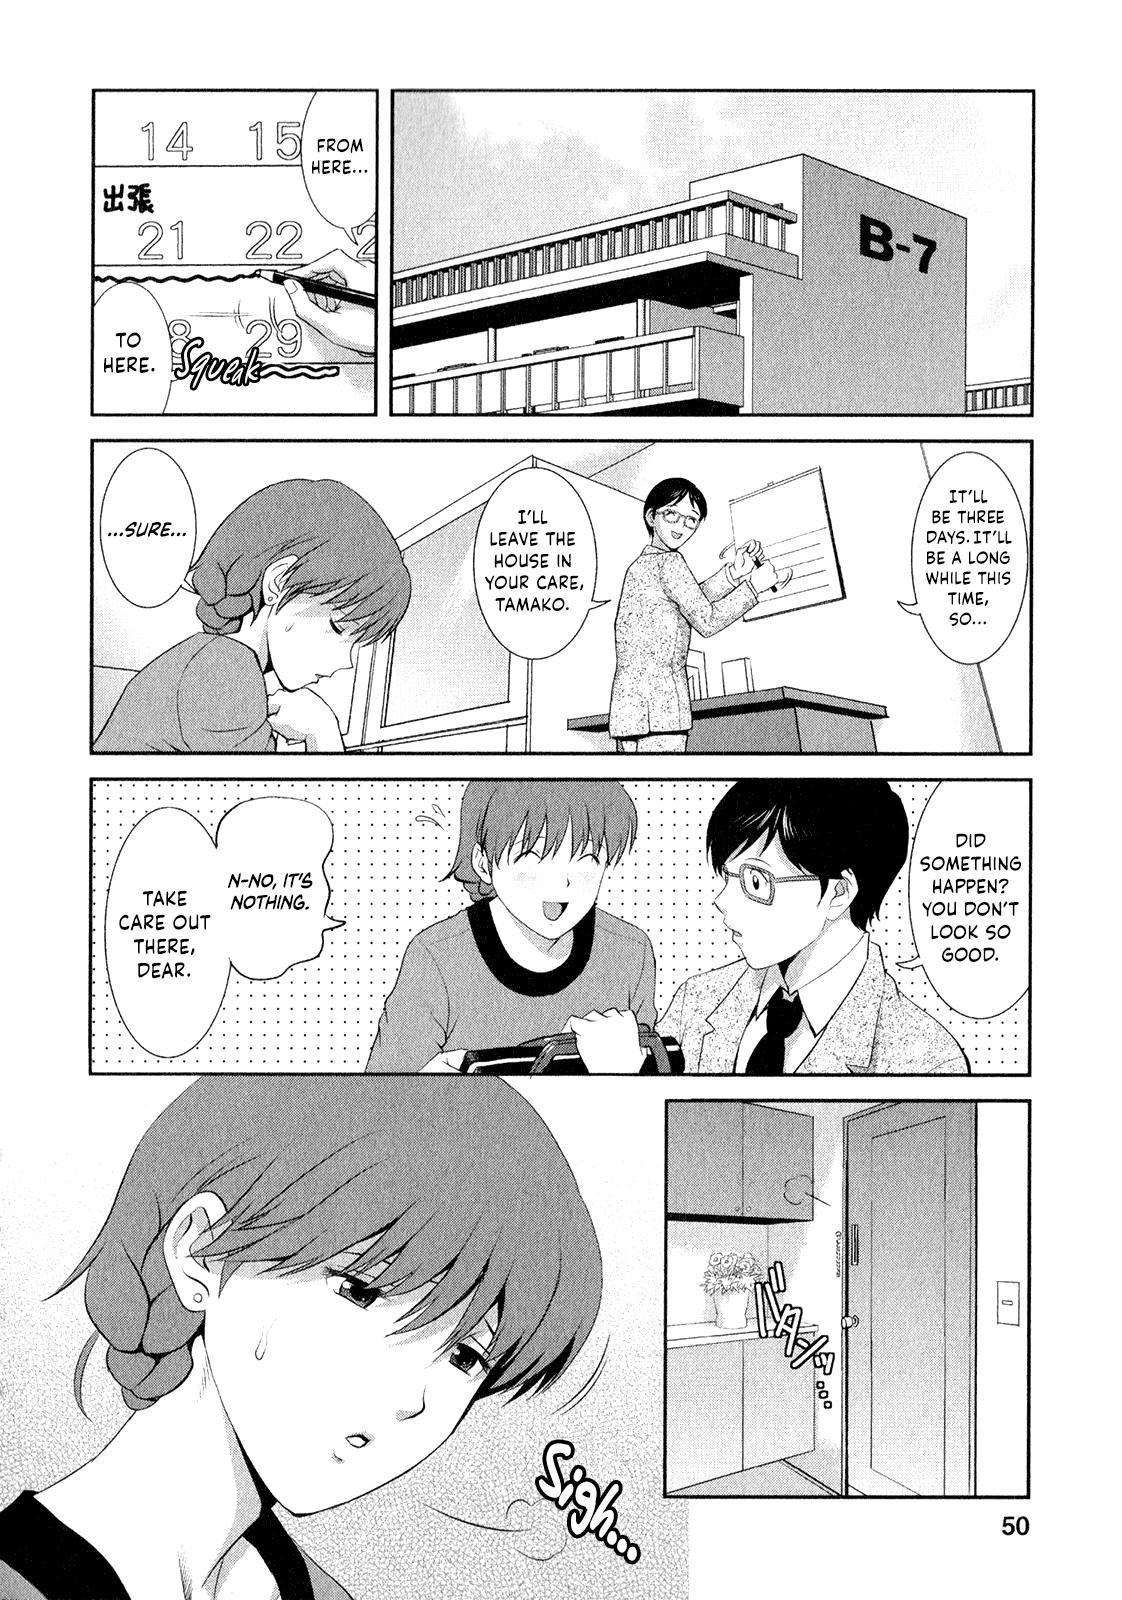 [Saigado] Hitozuma Audrey-san no Himitsu ~30-sai kara no Furyou Tsuma Kouza~ - Vol. 2 [English] {Hennojin} 52